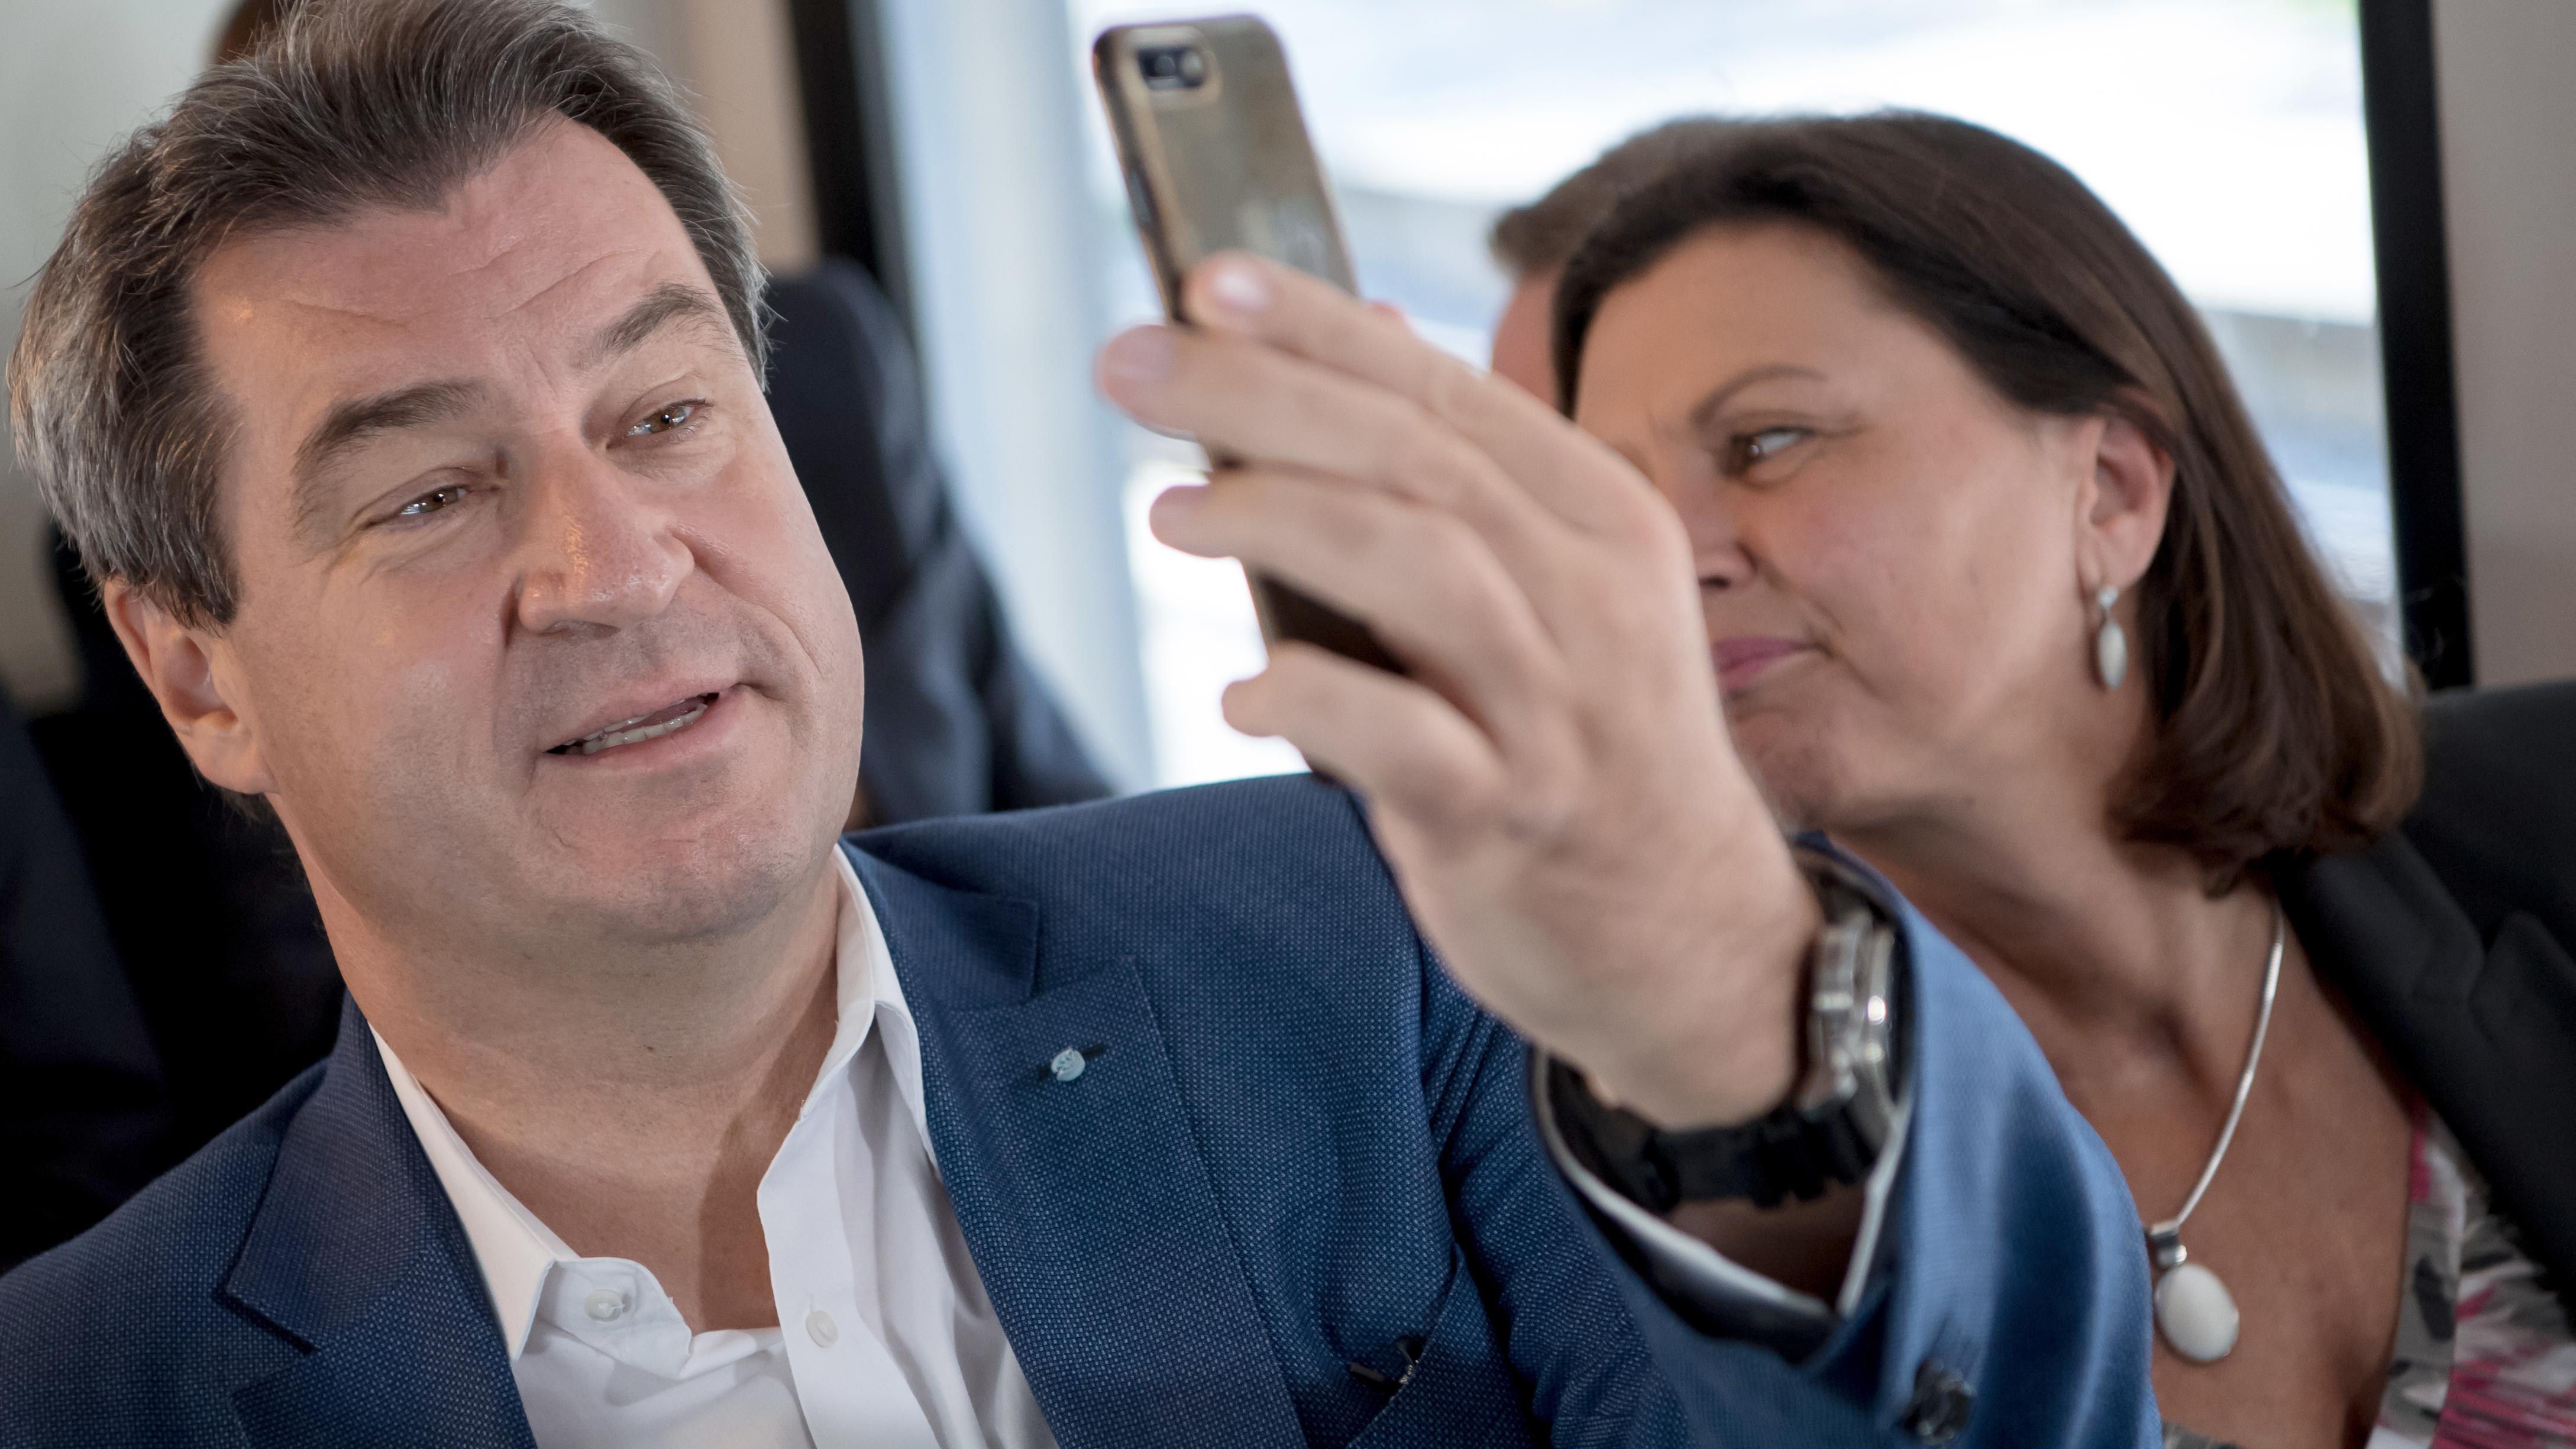 Markus Söder betrachtet den Bildschirm seines Handys